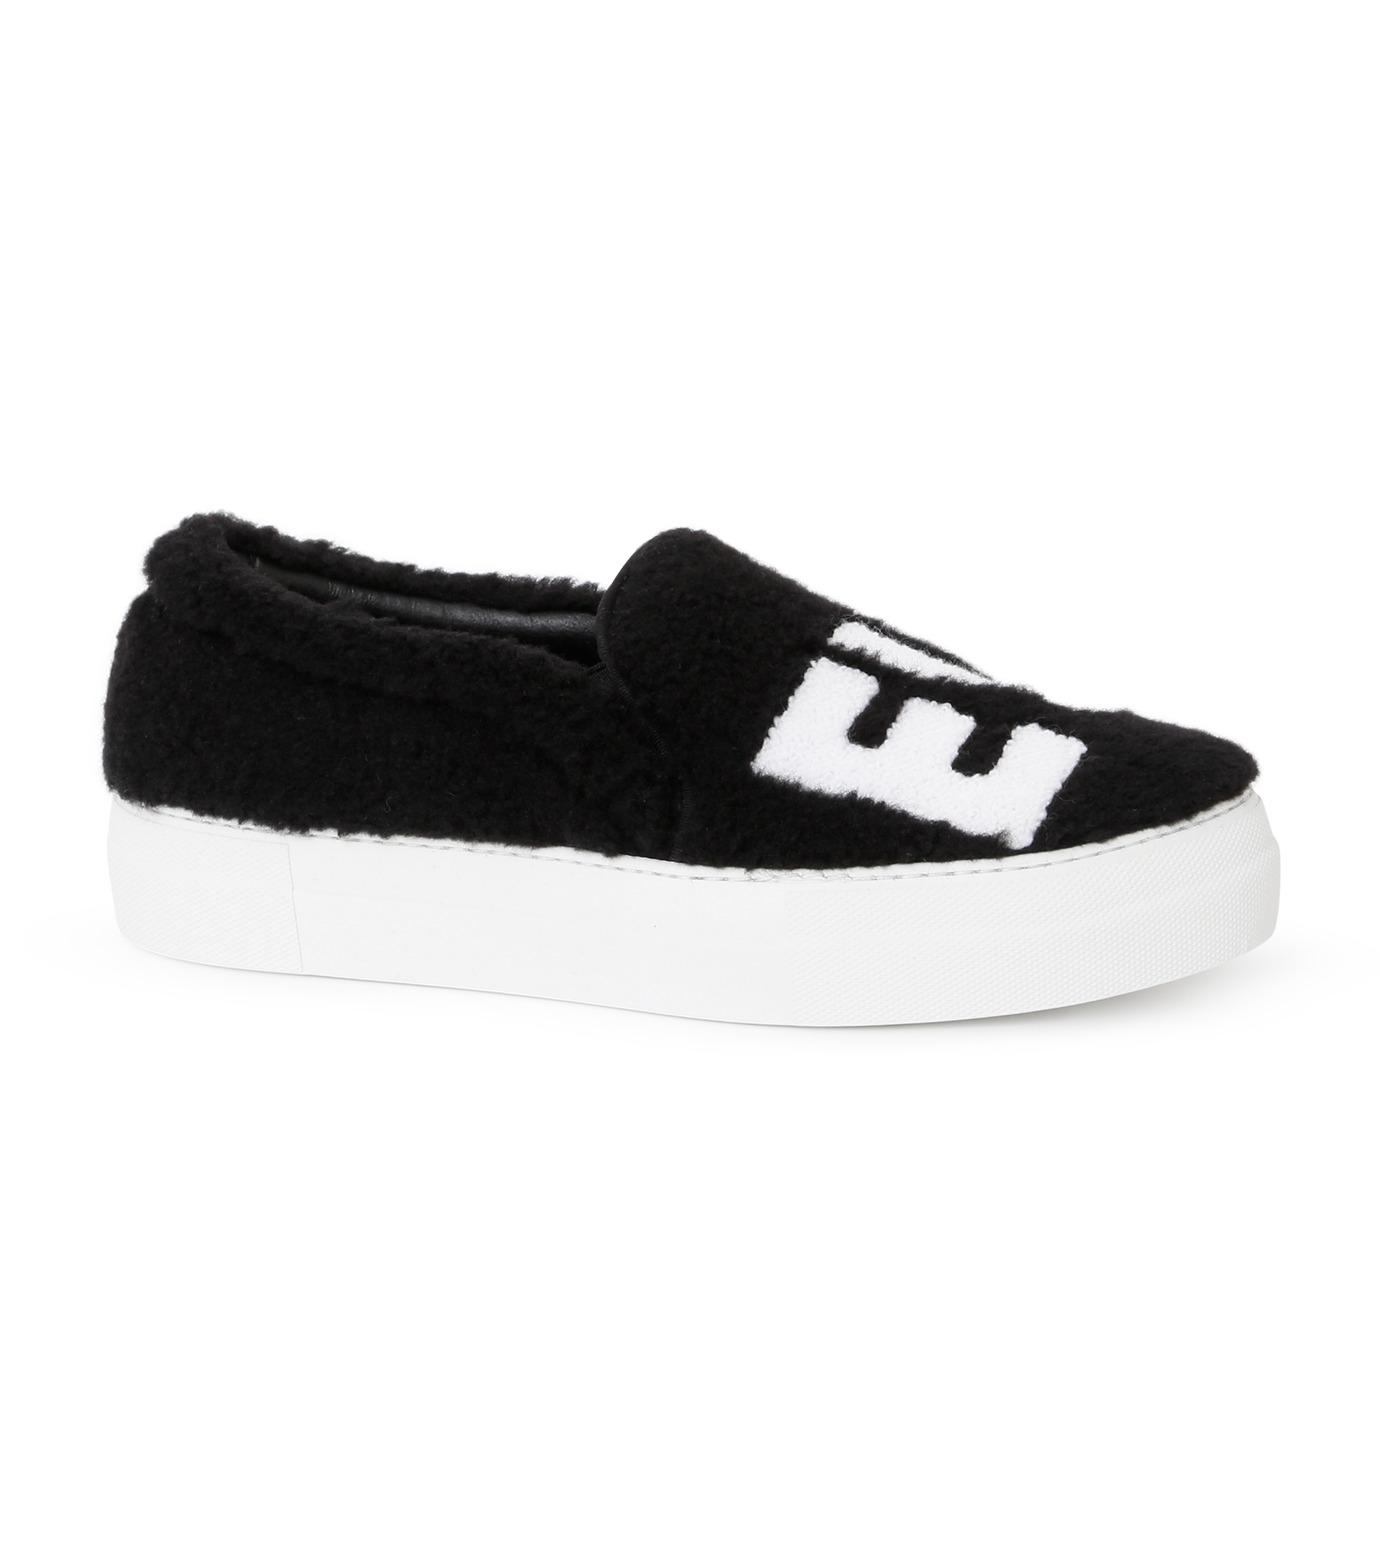 Joshua SANDERS(ジョシュア・サンダース)のSlip On Black Ever-BLACK(スニーカー/sneaker)-10078S-13 拡大詳細画像1